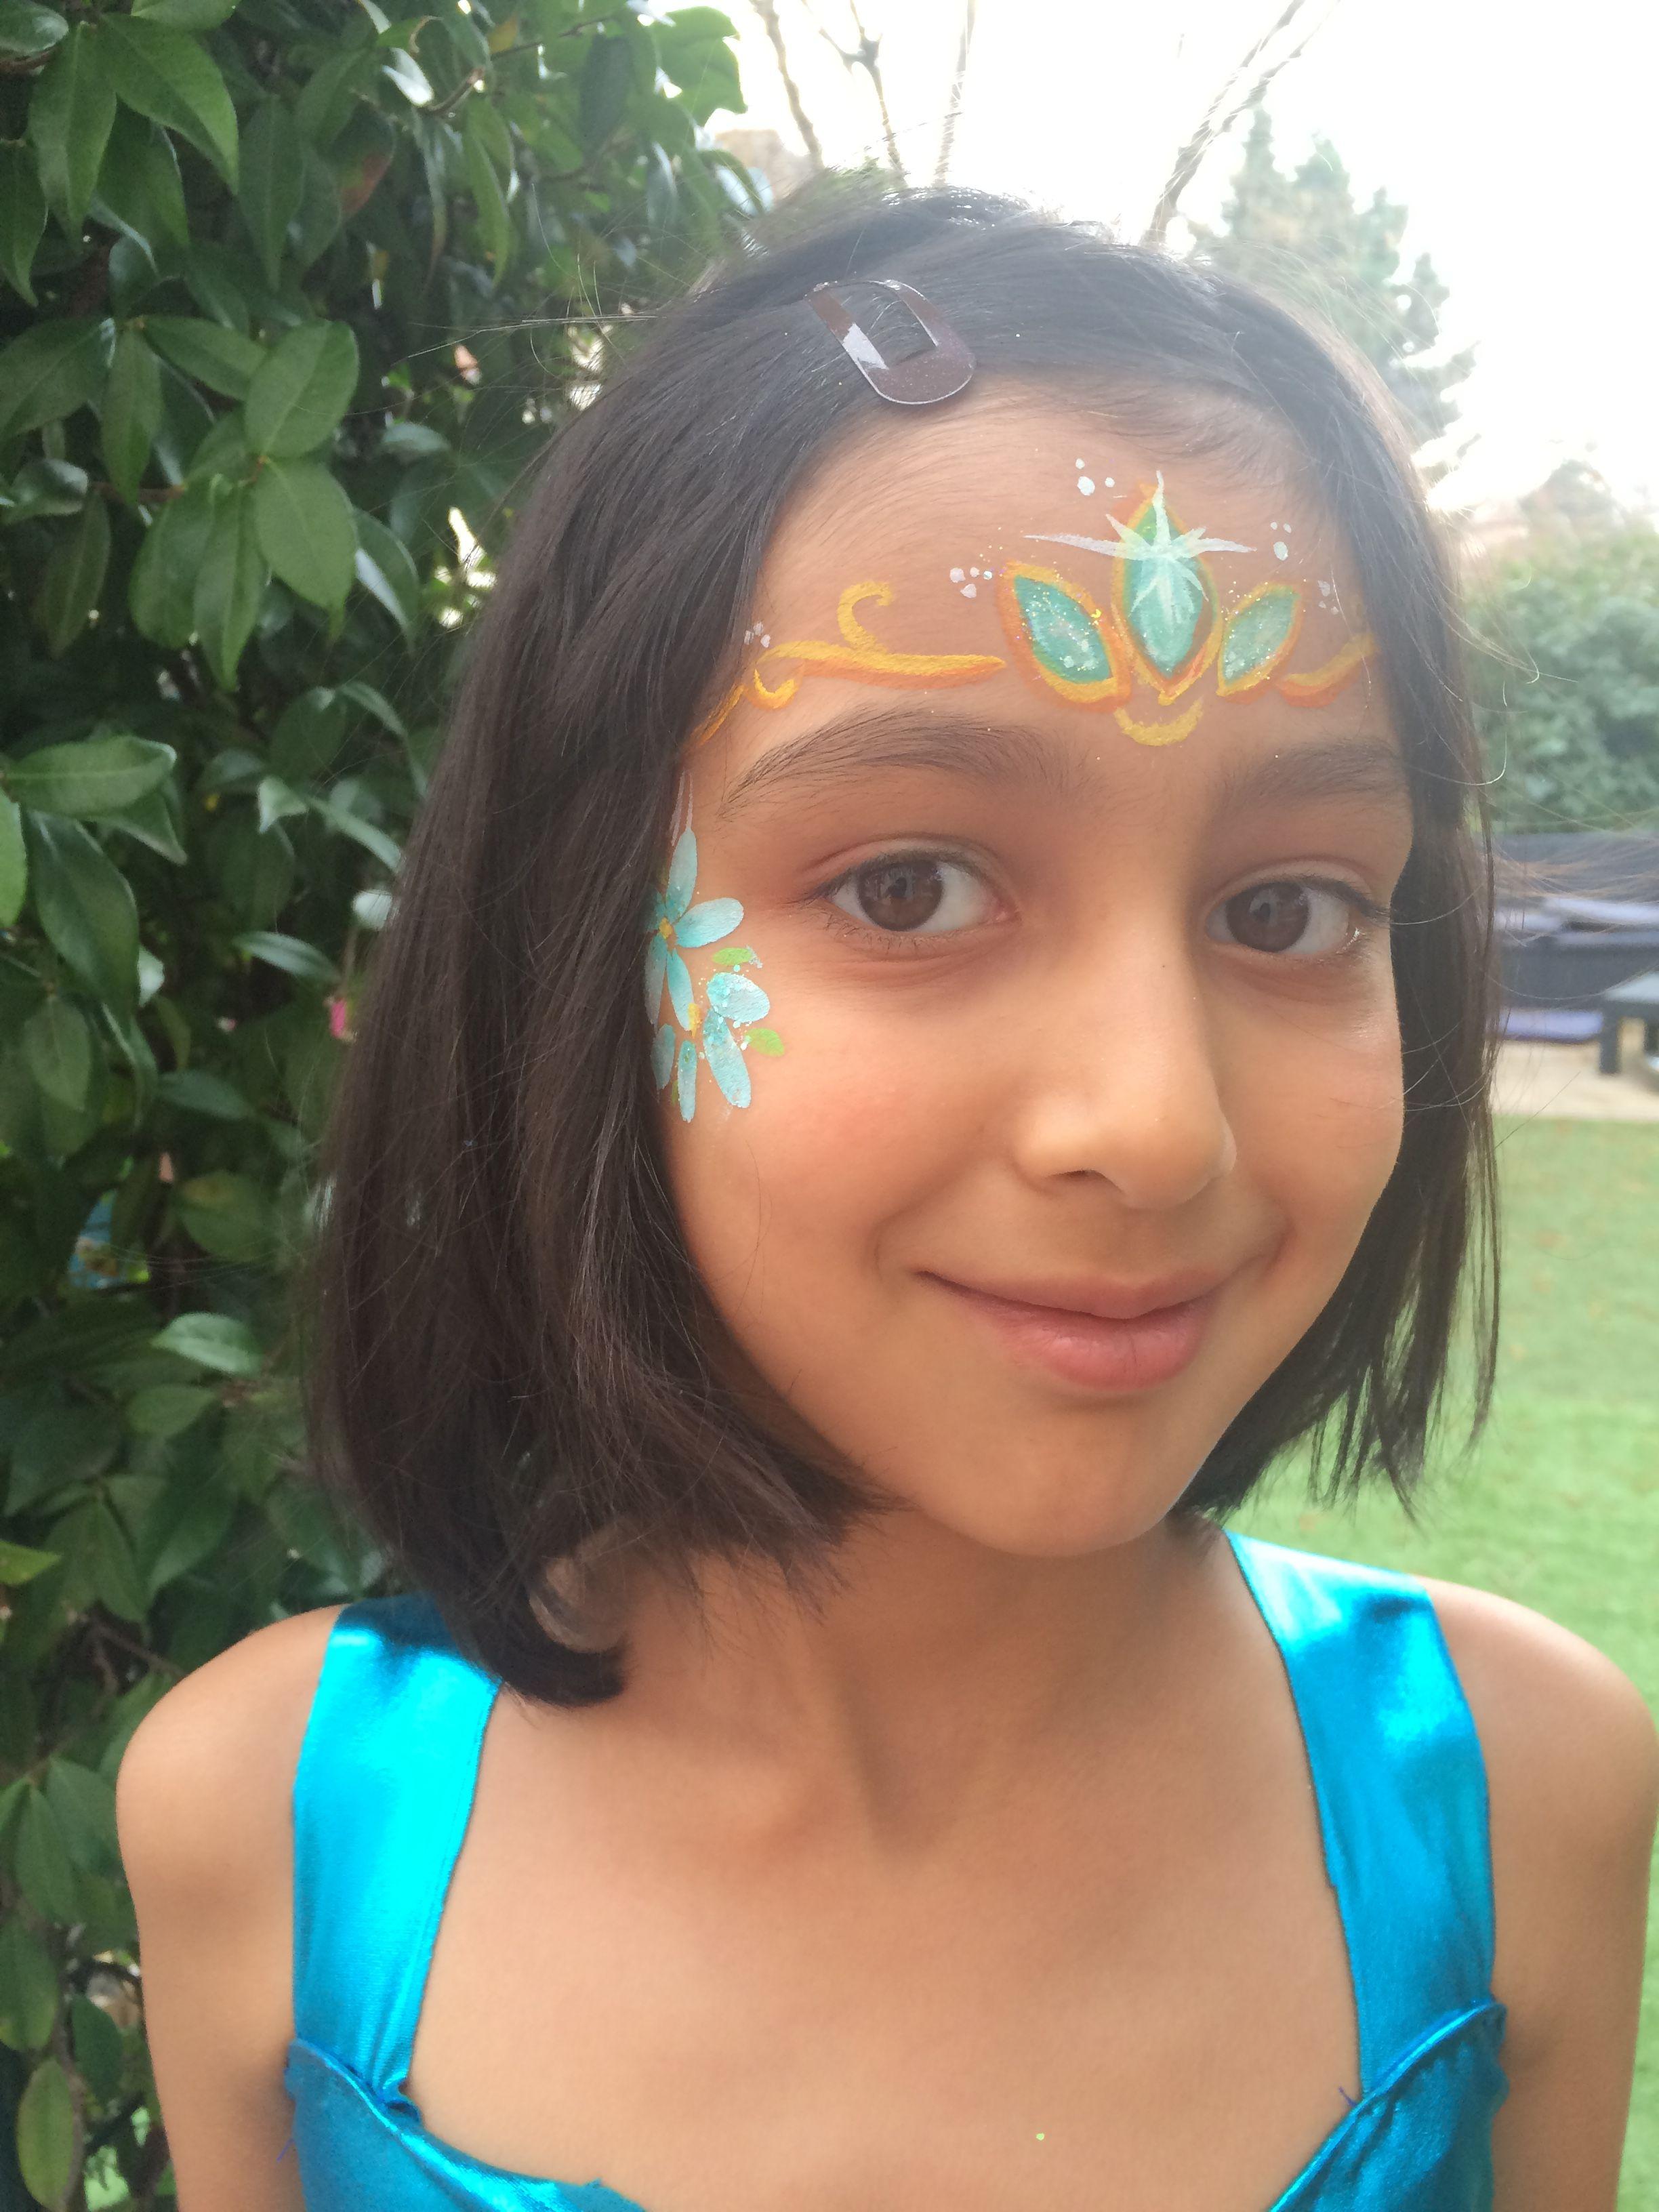 Maquillage enfant à Lyon par Crayon de Soleil - couronne de princesse bleue - face pai ...